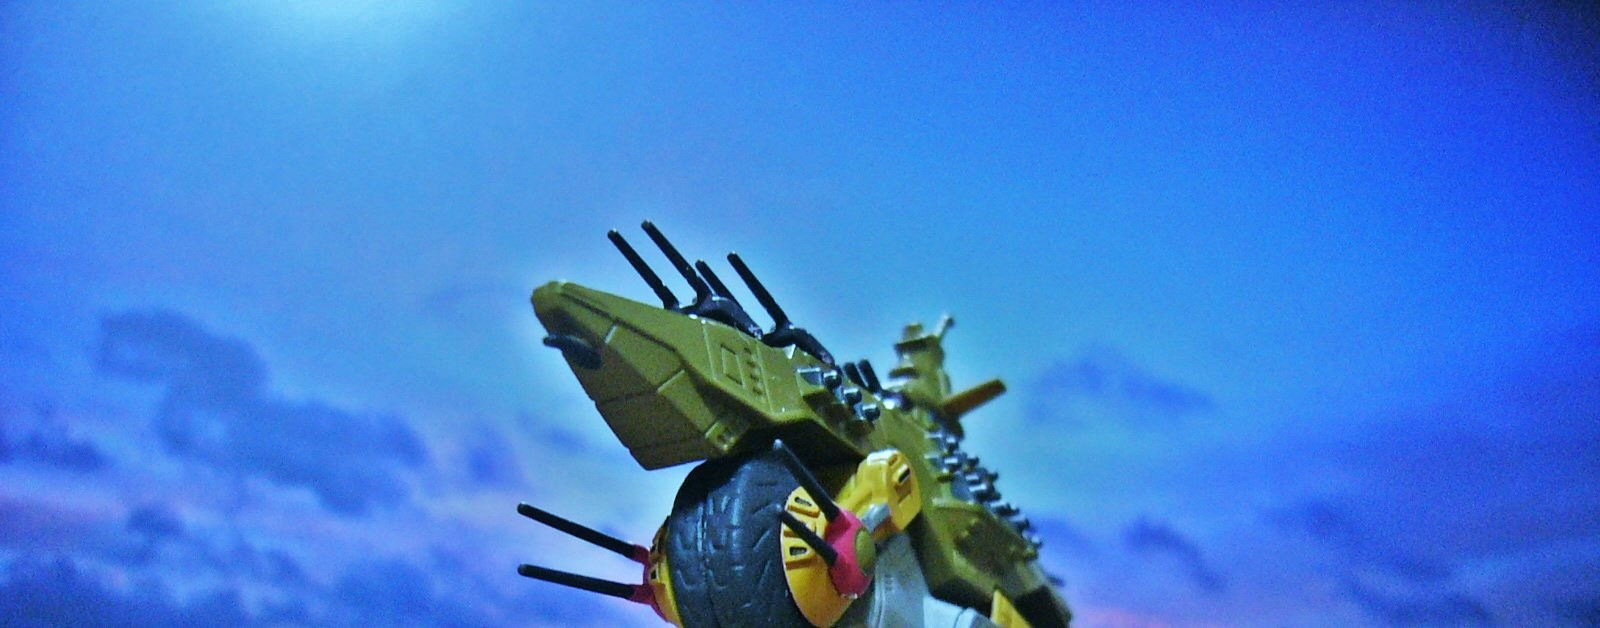 アドラステア Adrastea メガ粒子砲 モトラッド艦隊 バイク戦艦 陸上戦艦 万能戦艦 デジラマ リアラマ ジオラマ